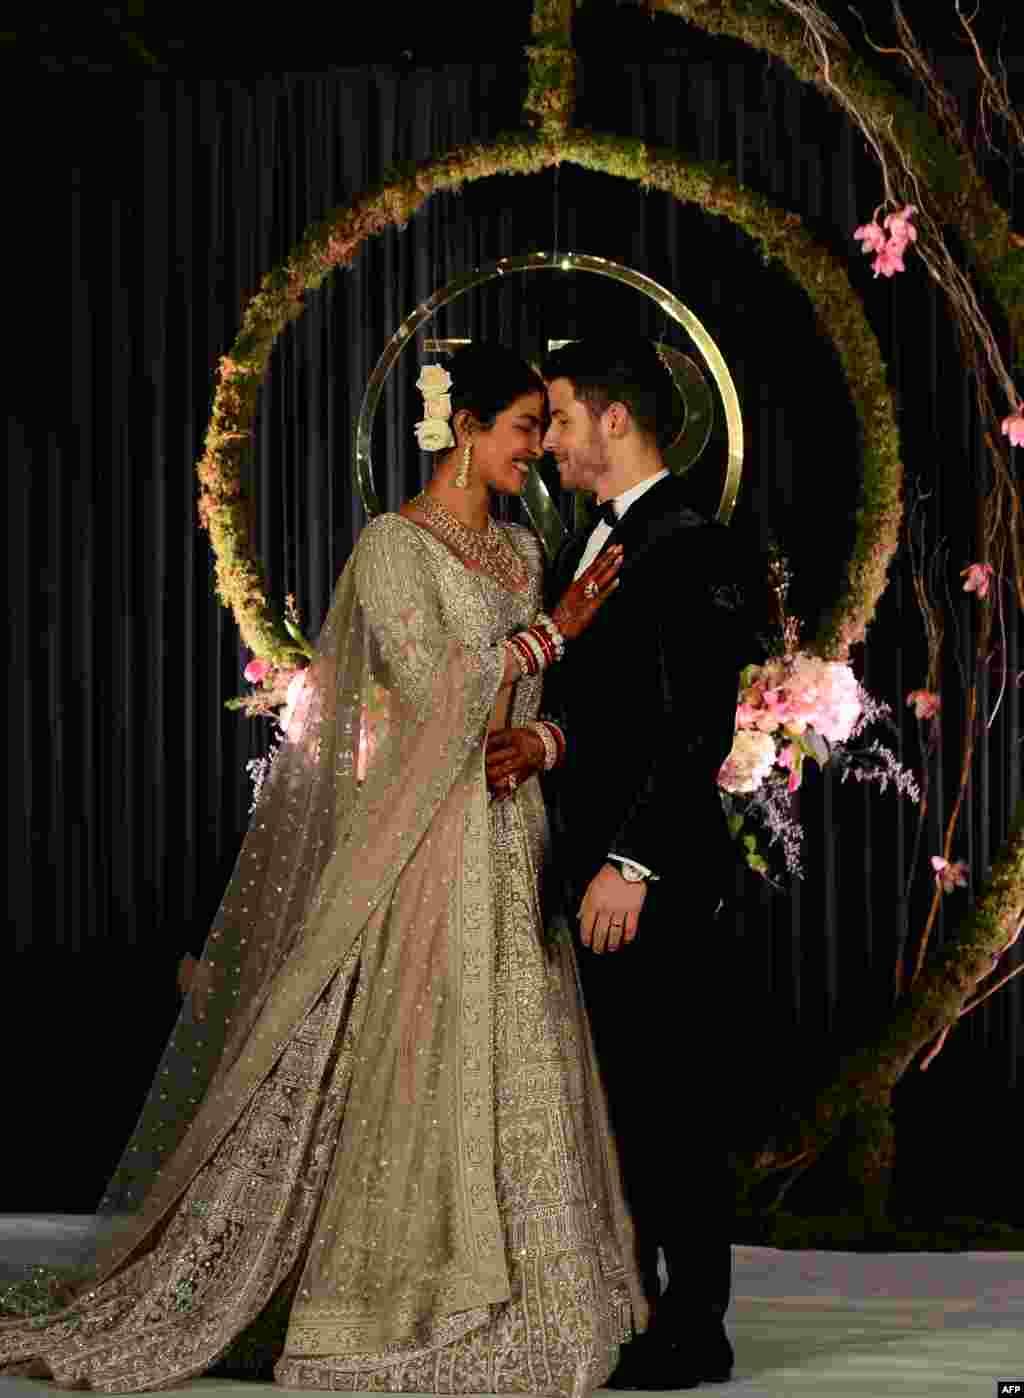 Aktris Bollywood Priyanka Chopra (36 tahun/kiri) dan musisi AS Nick Jonas (26 tahun), yang baru saja menikah, berpose untuk foto saat resepsi di New Delhi, India.